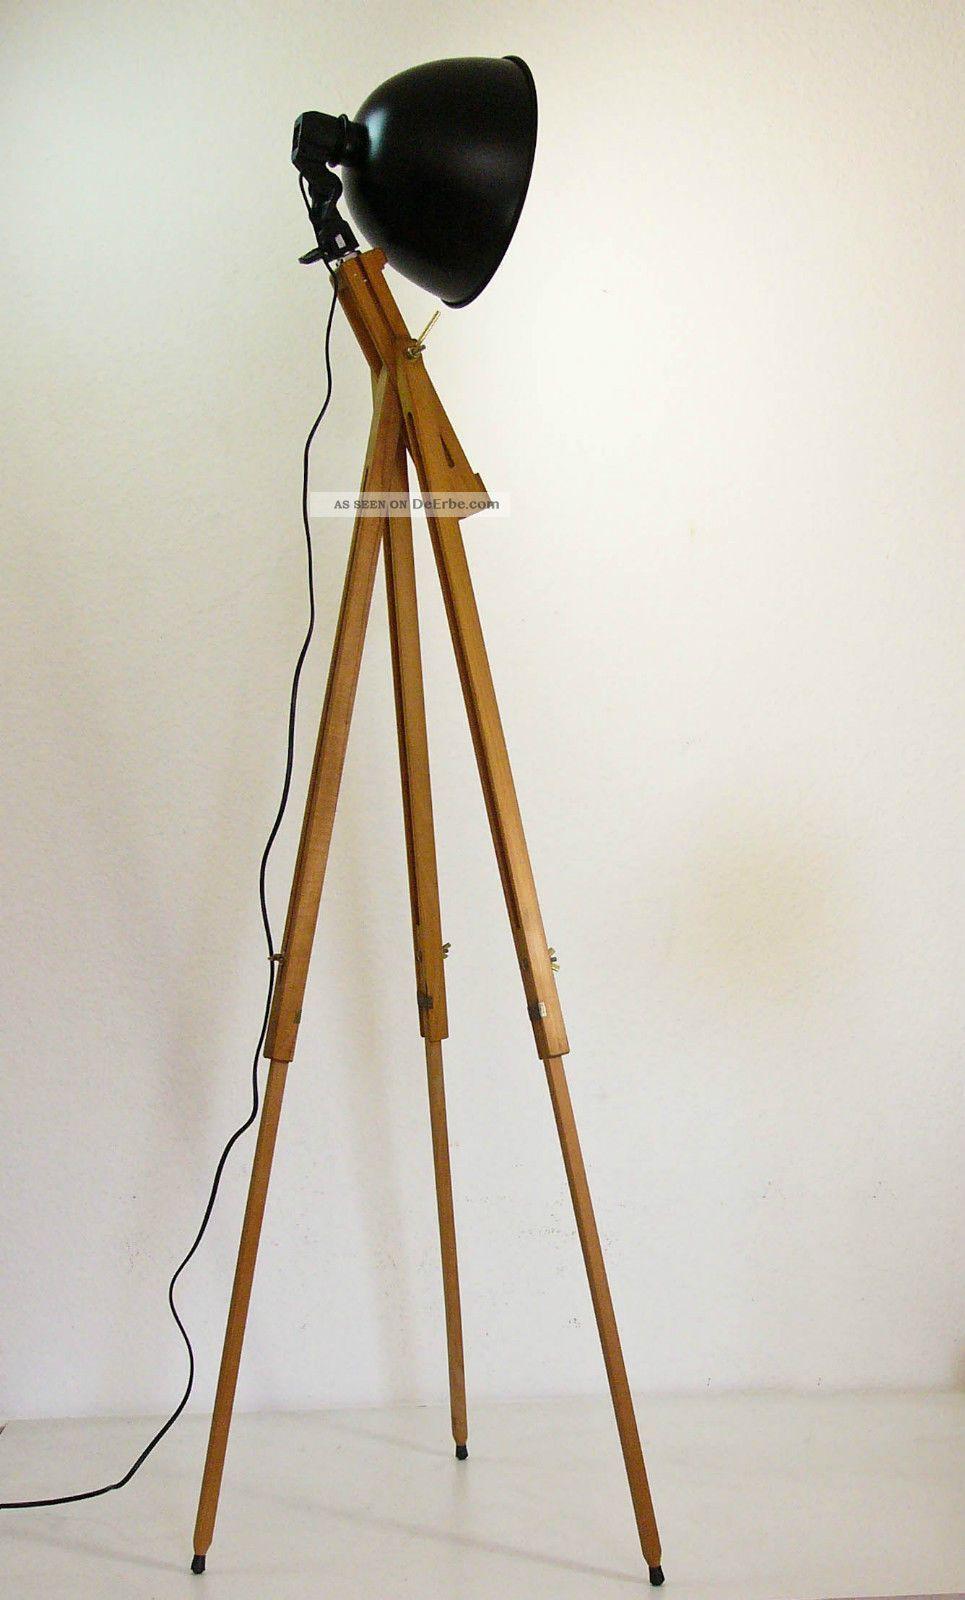 Tripod Stehlampe Scheinwerfer Stehleuchte Dreibein Holz Stativ Lampe Retro 60er 1960 1969 Bild Stehlampe Lampen Design Lampen